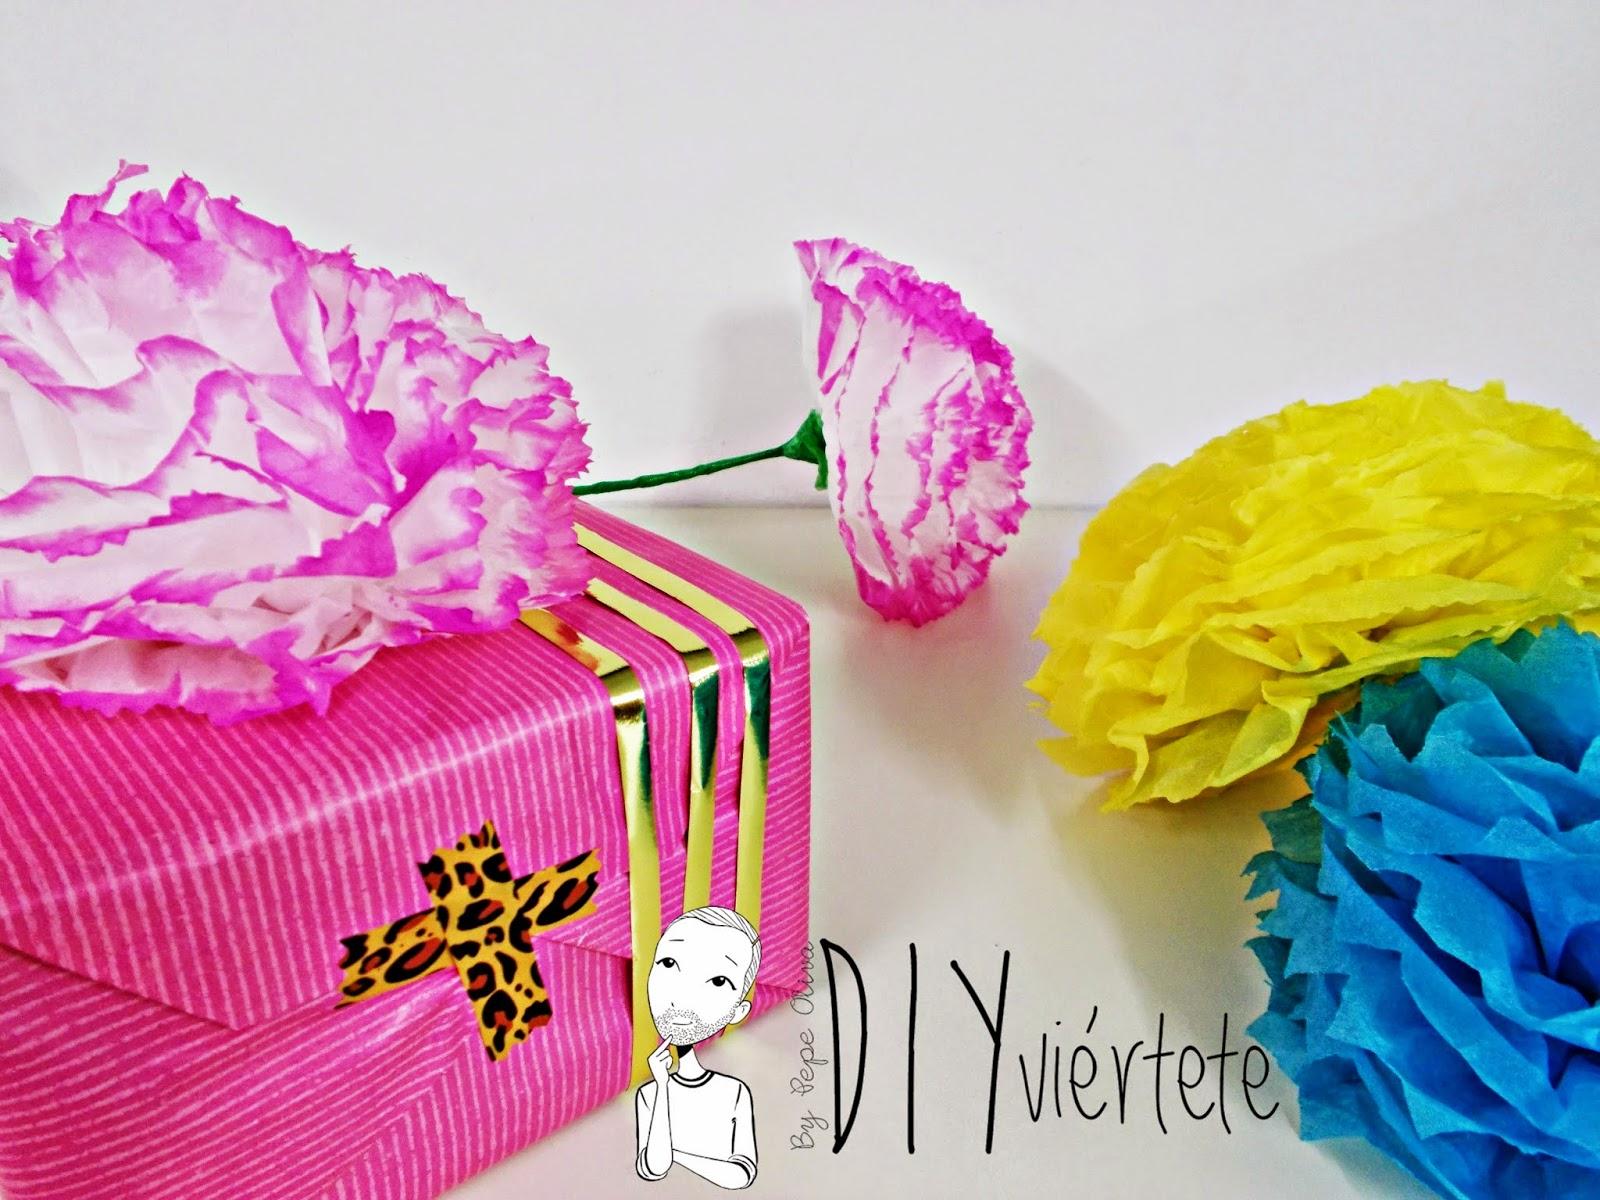 DIY-manualidades-ideas-decoración-pompón-papel de seda-cumpleaños-fiestas-regalos-flores-collage